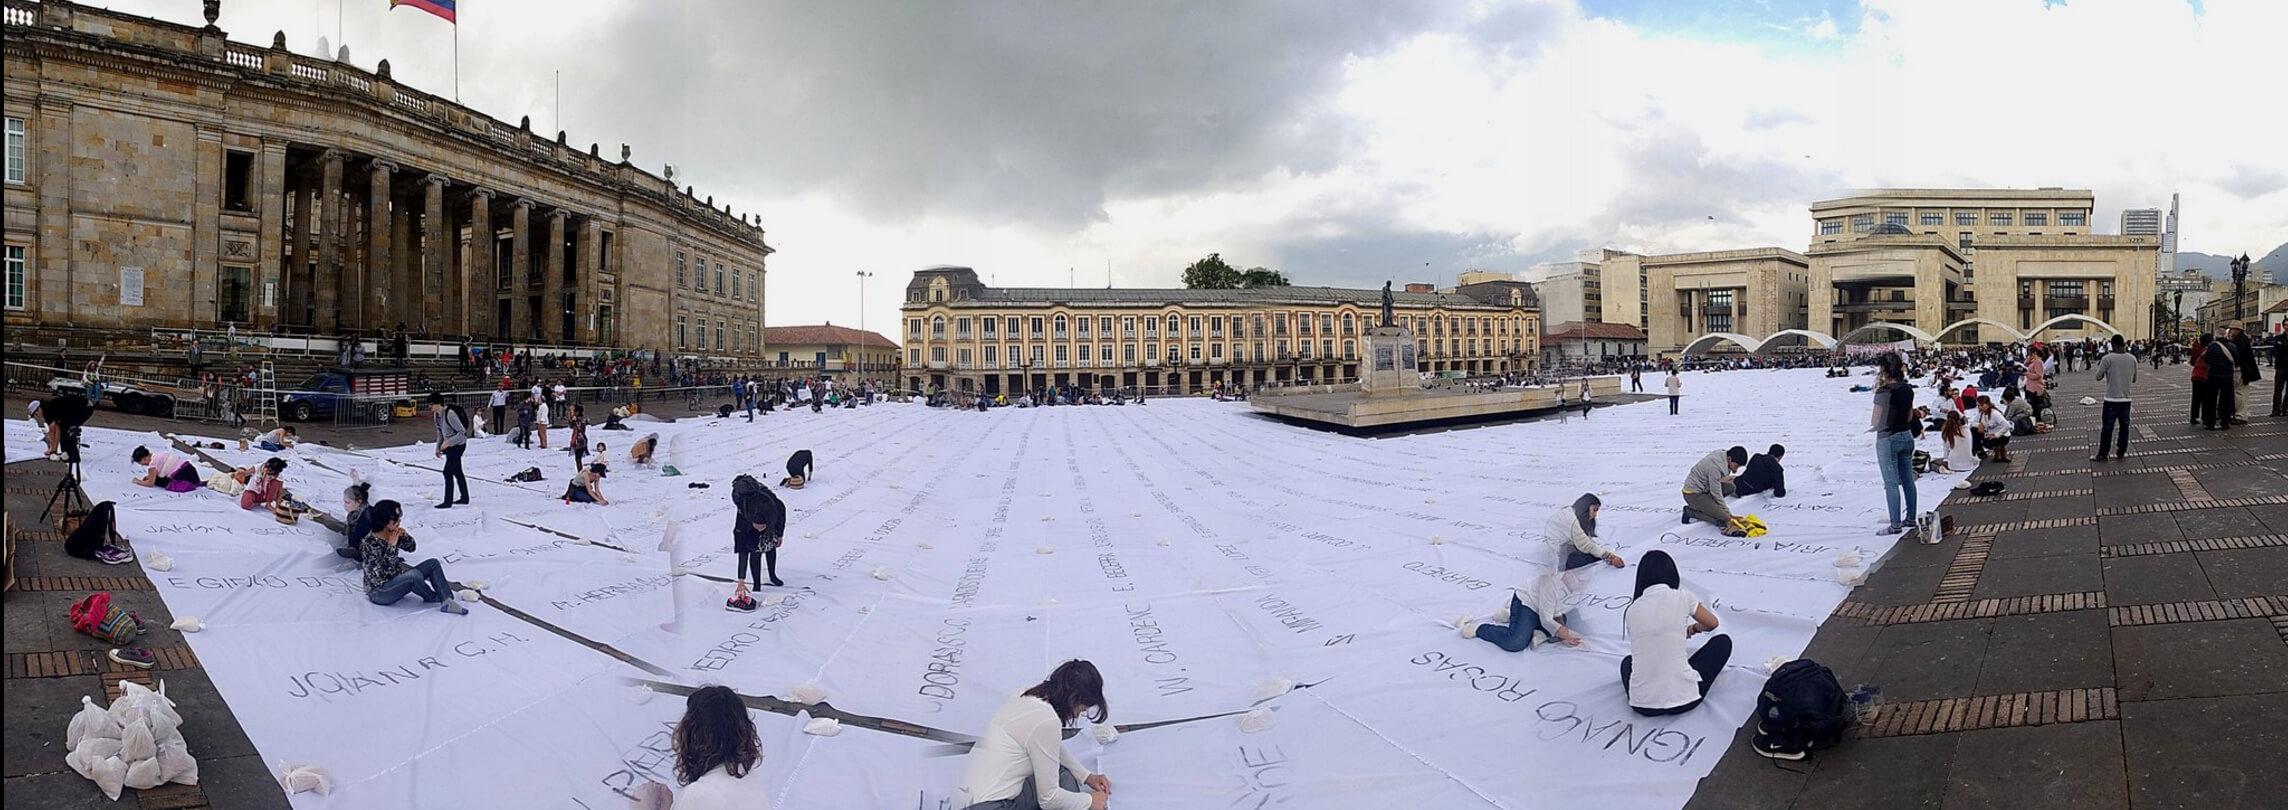 Bitácora de la incertidumbre: día 9, los nombres de las víctimas se tomaron la Plaza de Bolívar